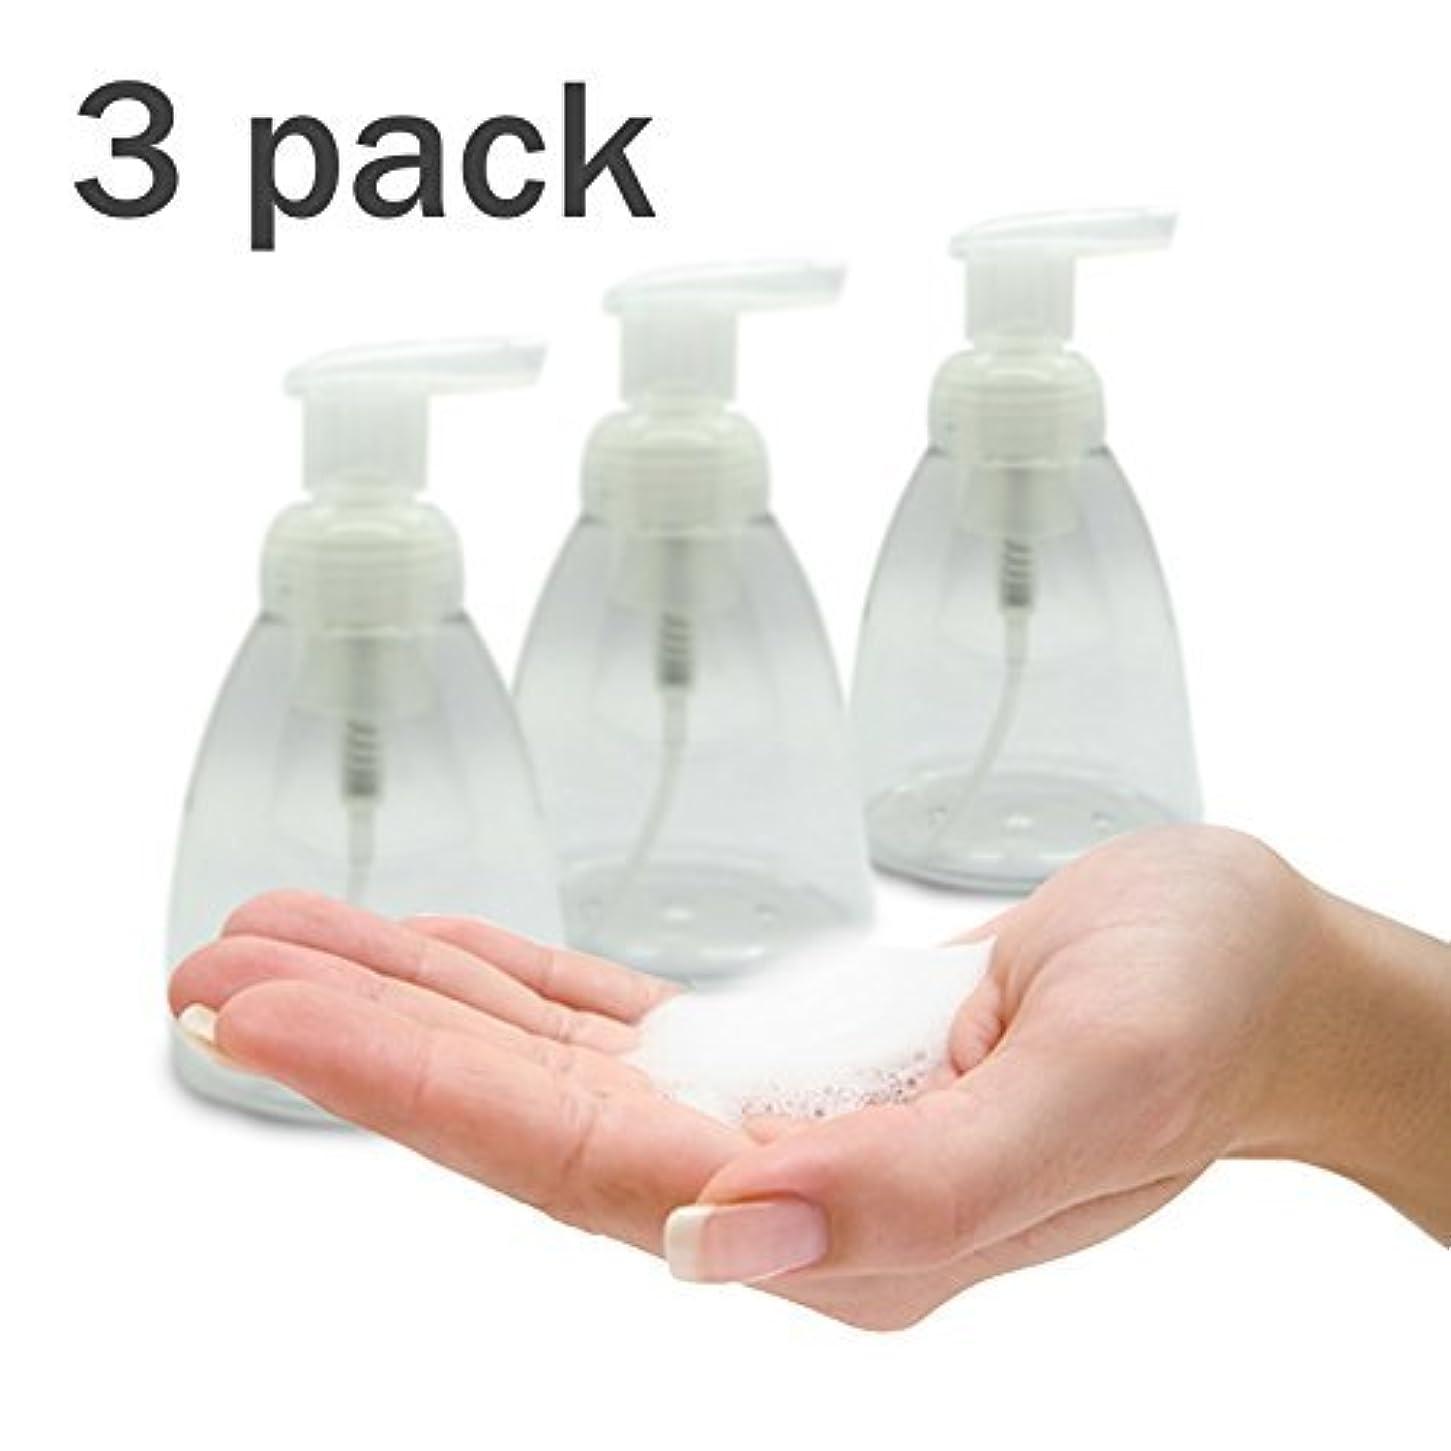 台風寝てる掘るFoaming Soap Dispenser Set of 3 pack 300ml (10 oz) Empty Bottles Hand Soap Liquid Containers. Save Money! Less...